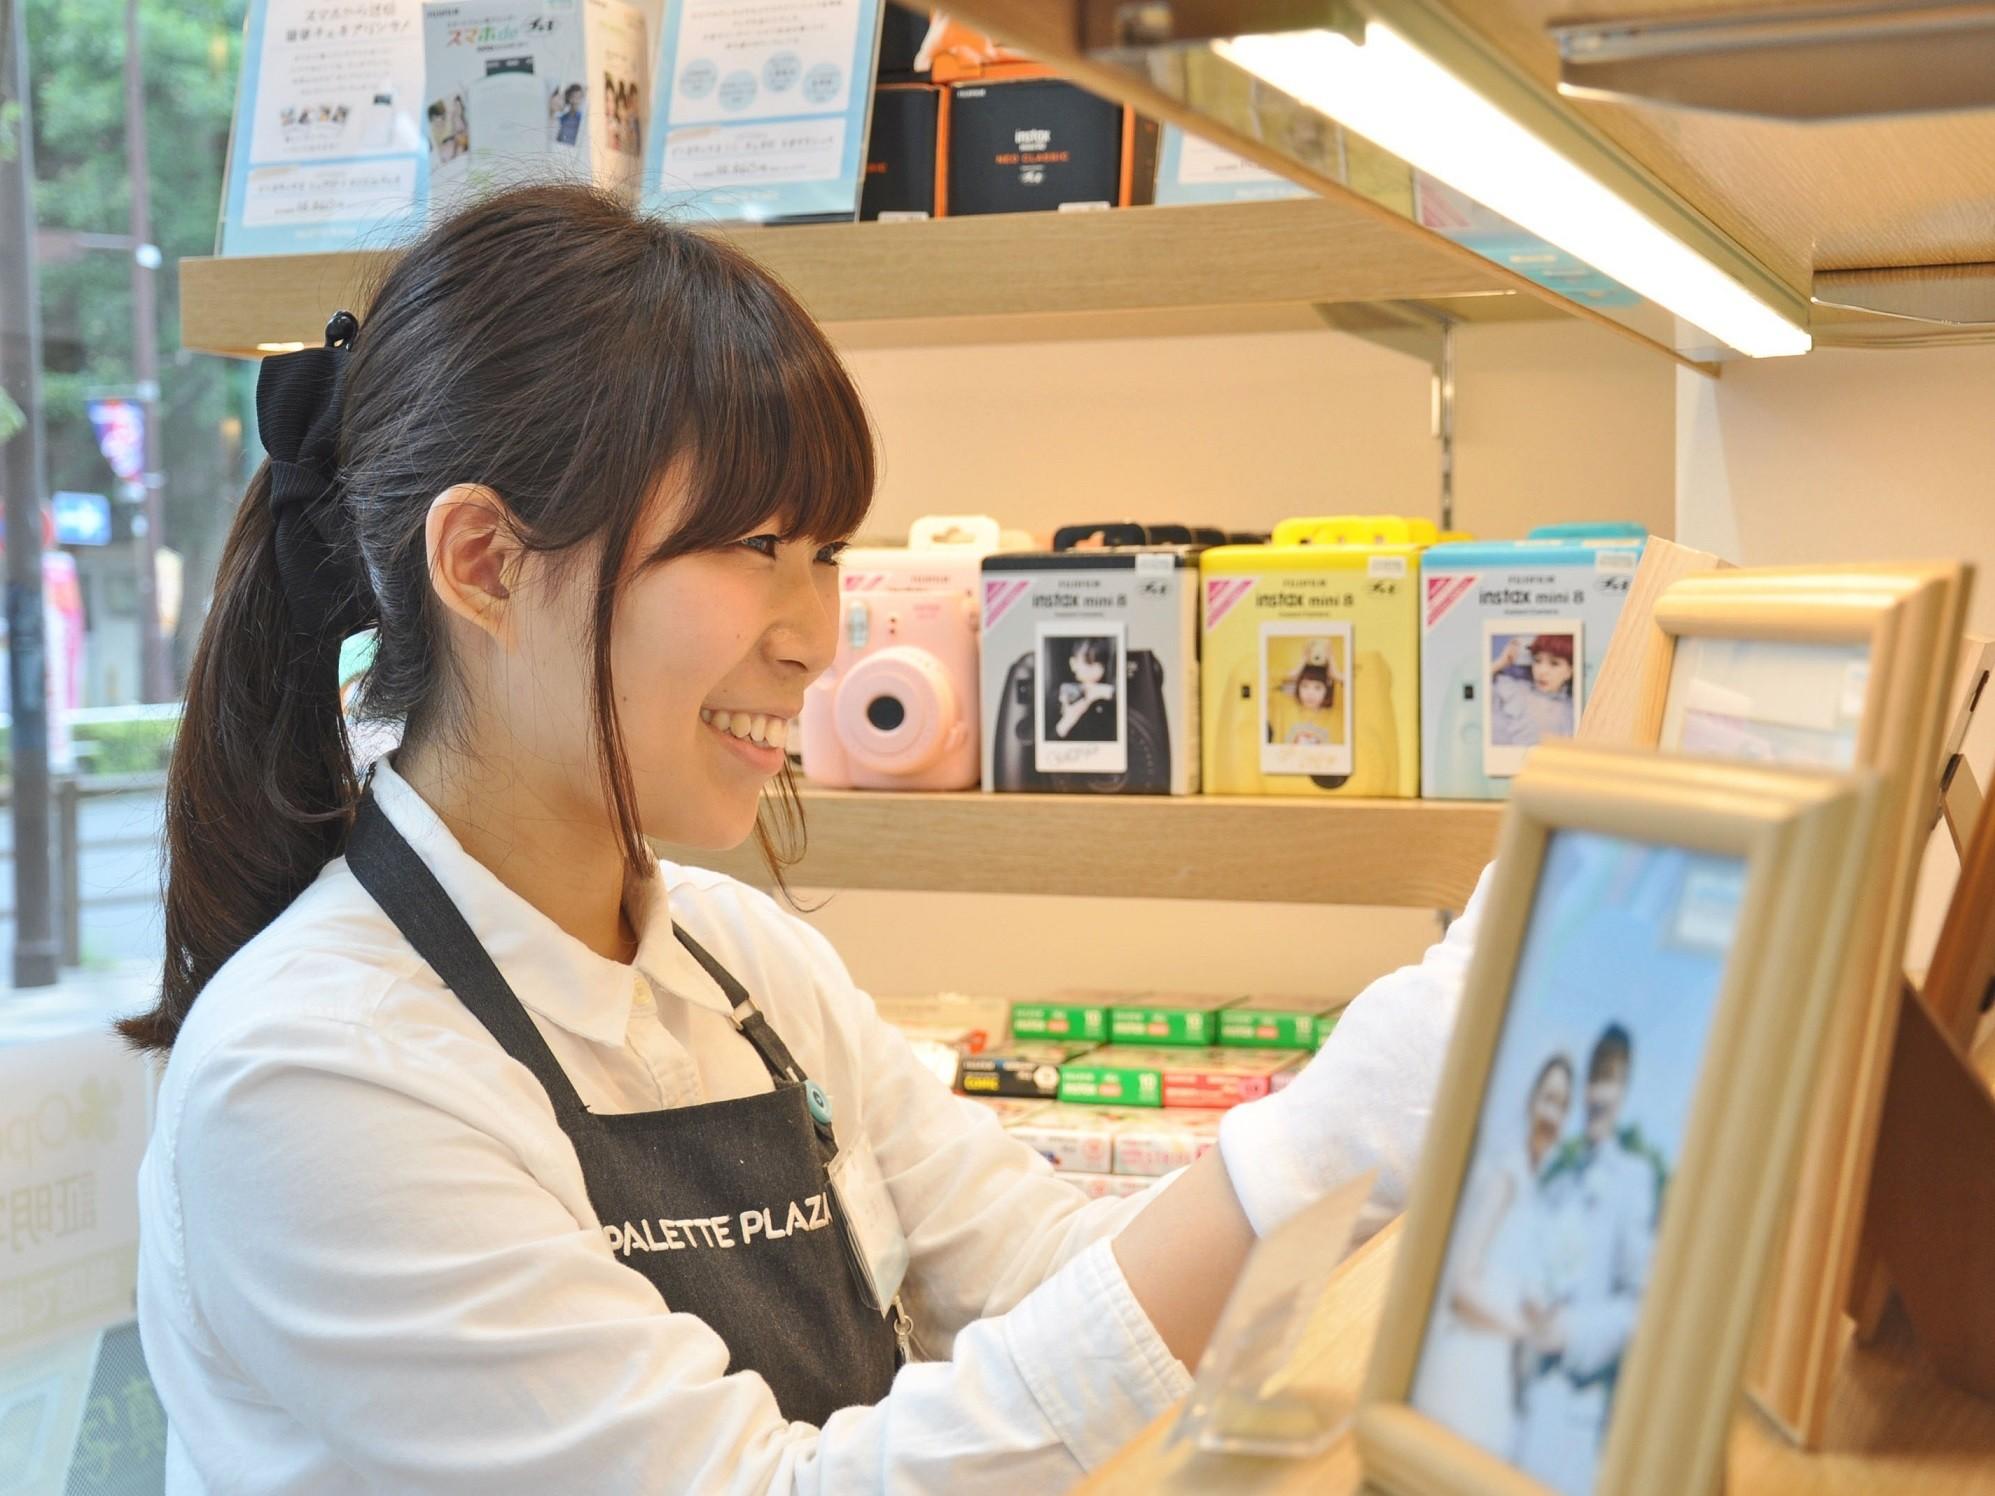 パレットプラザ 西友東松山店 のアルバイト情報